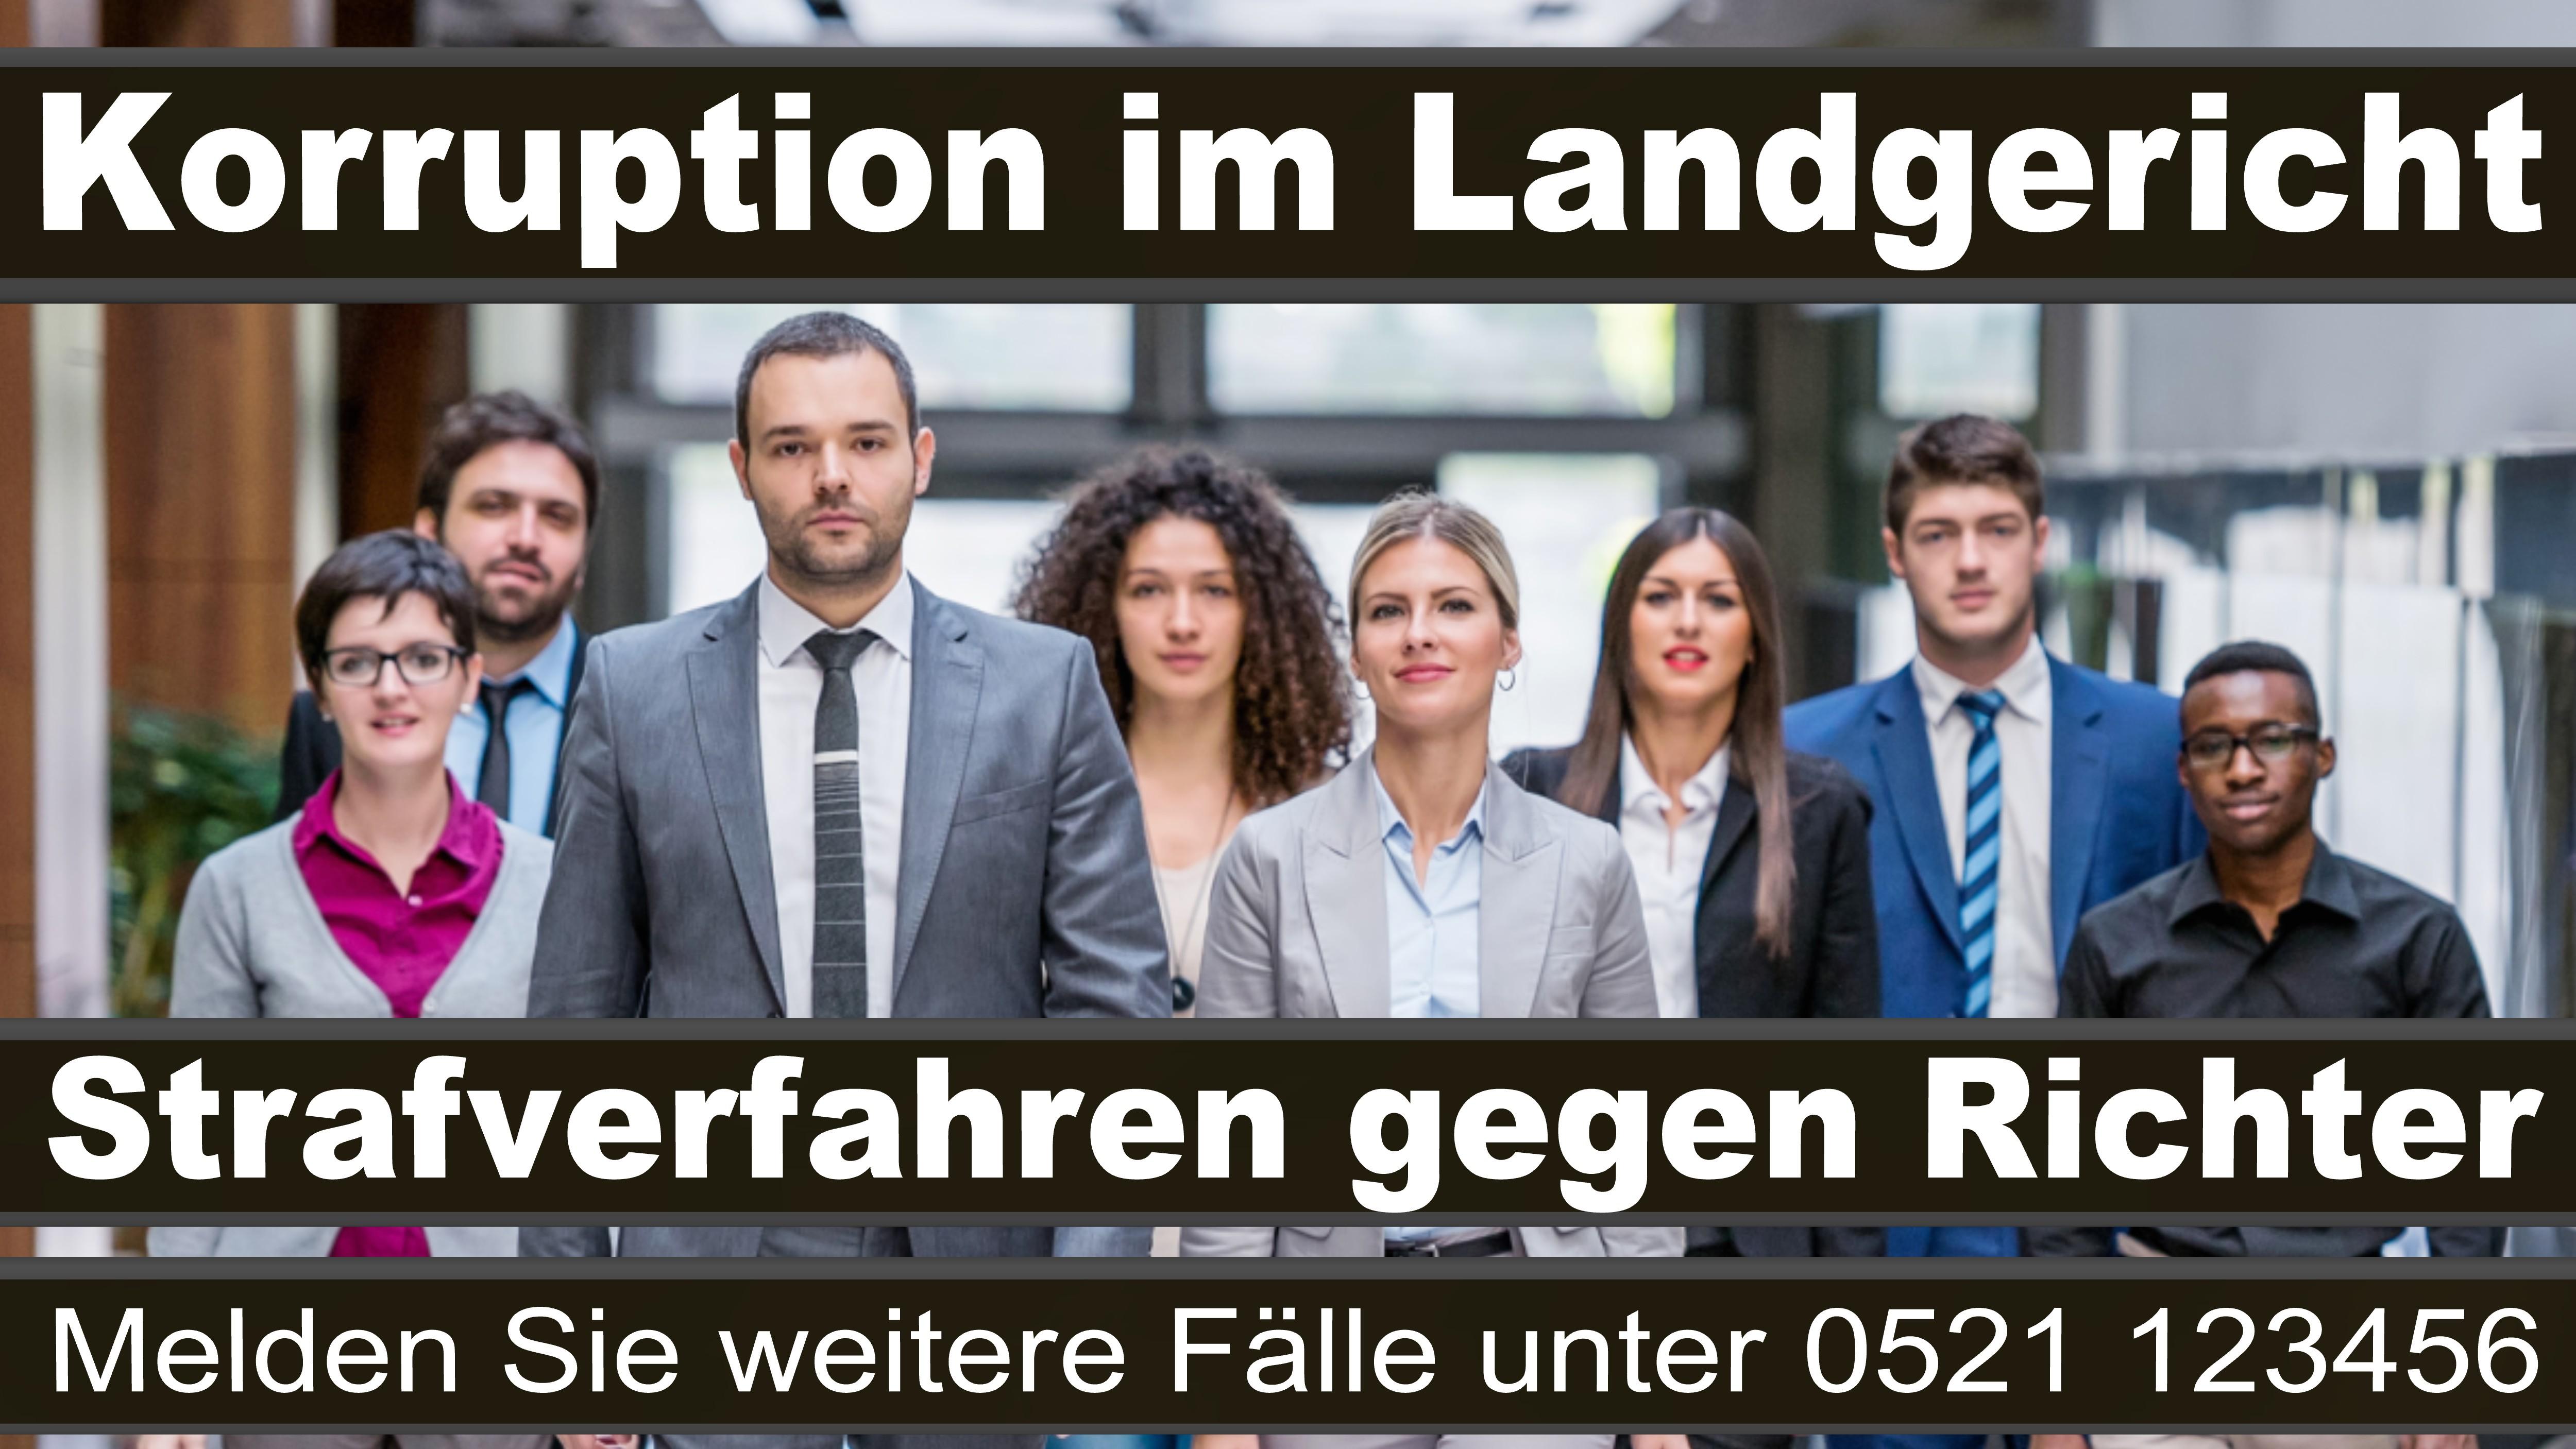 Oberverwaltungsgericht Der Freien Hansestadt Bremen